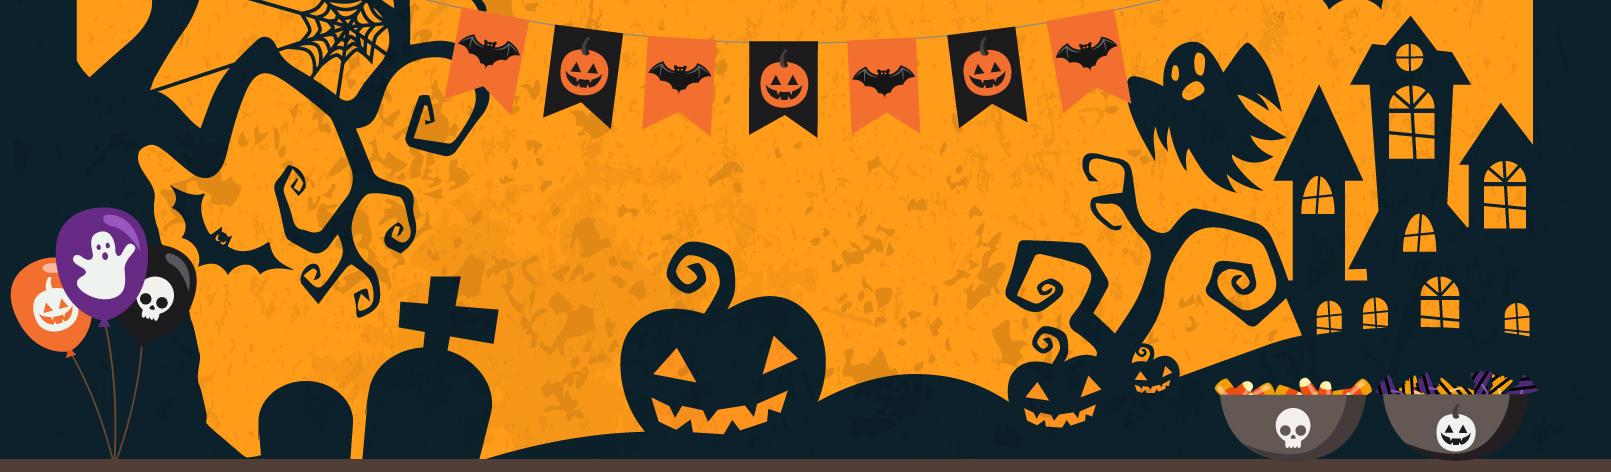 grafica di halloween con zucche e bacinelle di dolciumi